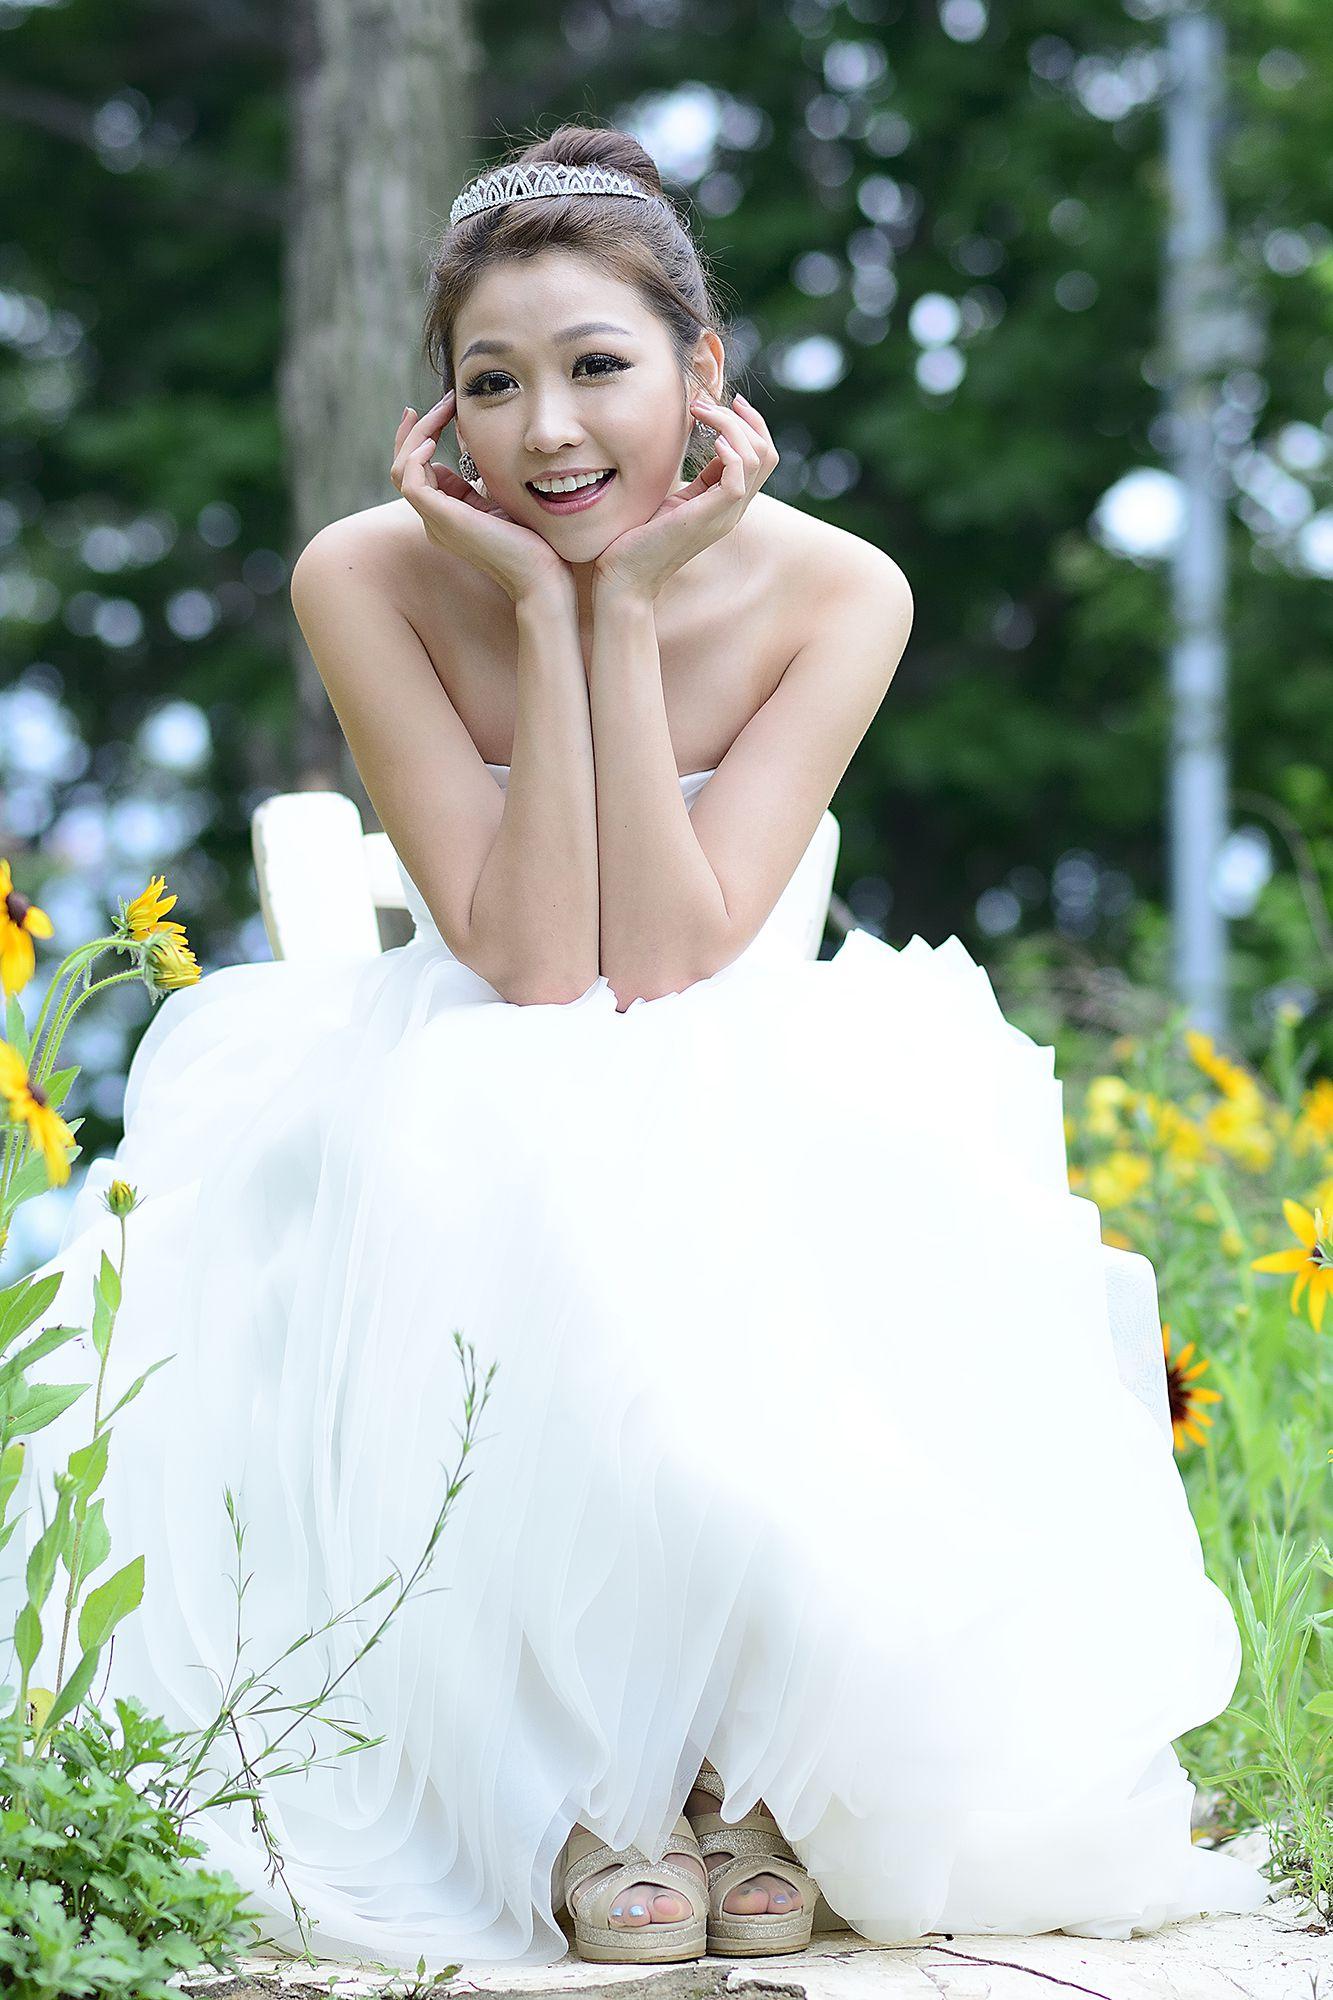 [网络美女]李恩慧(李仁慧)超高清写真大图片(61P)|288热度